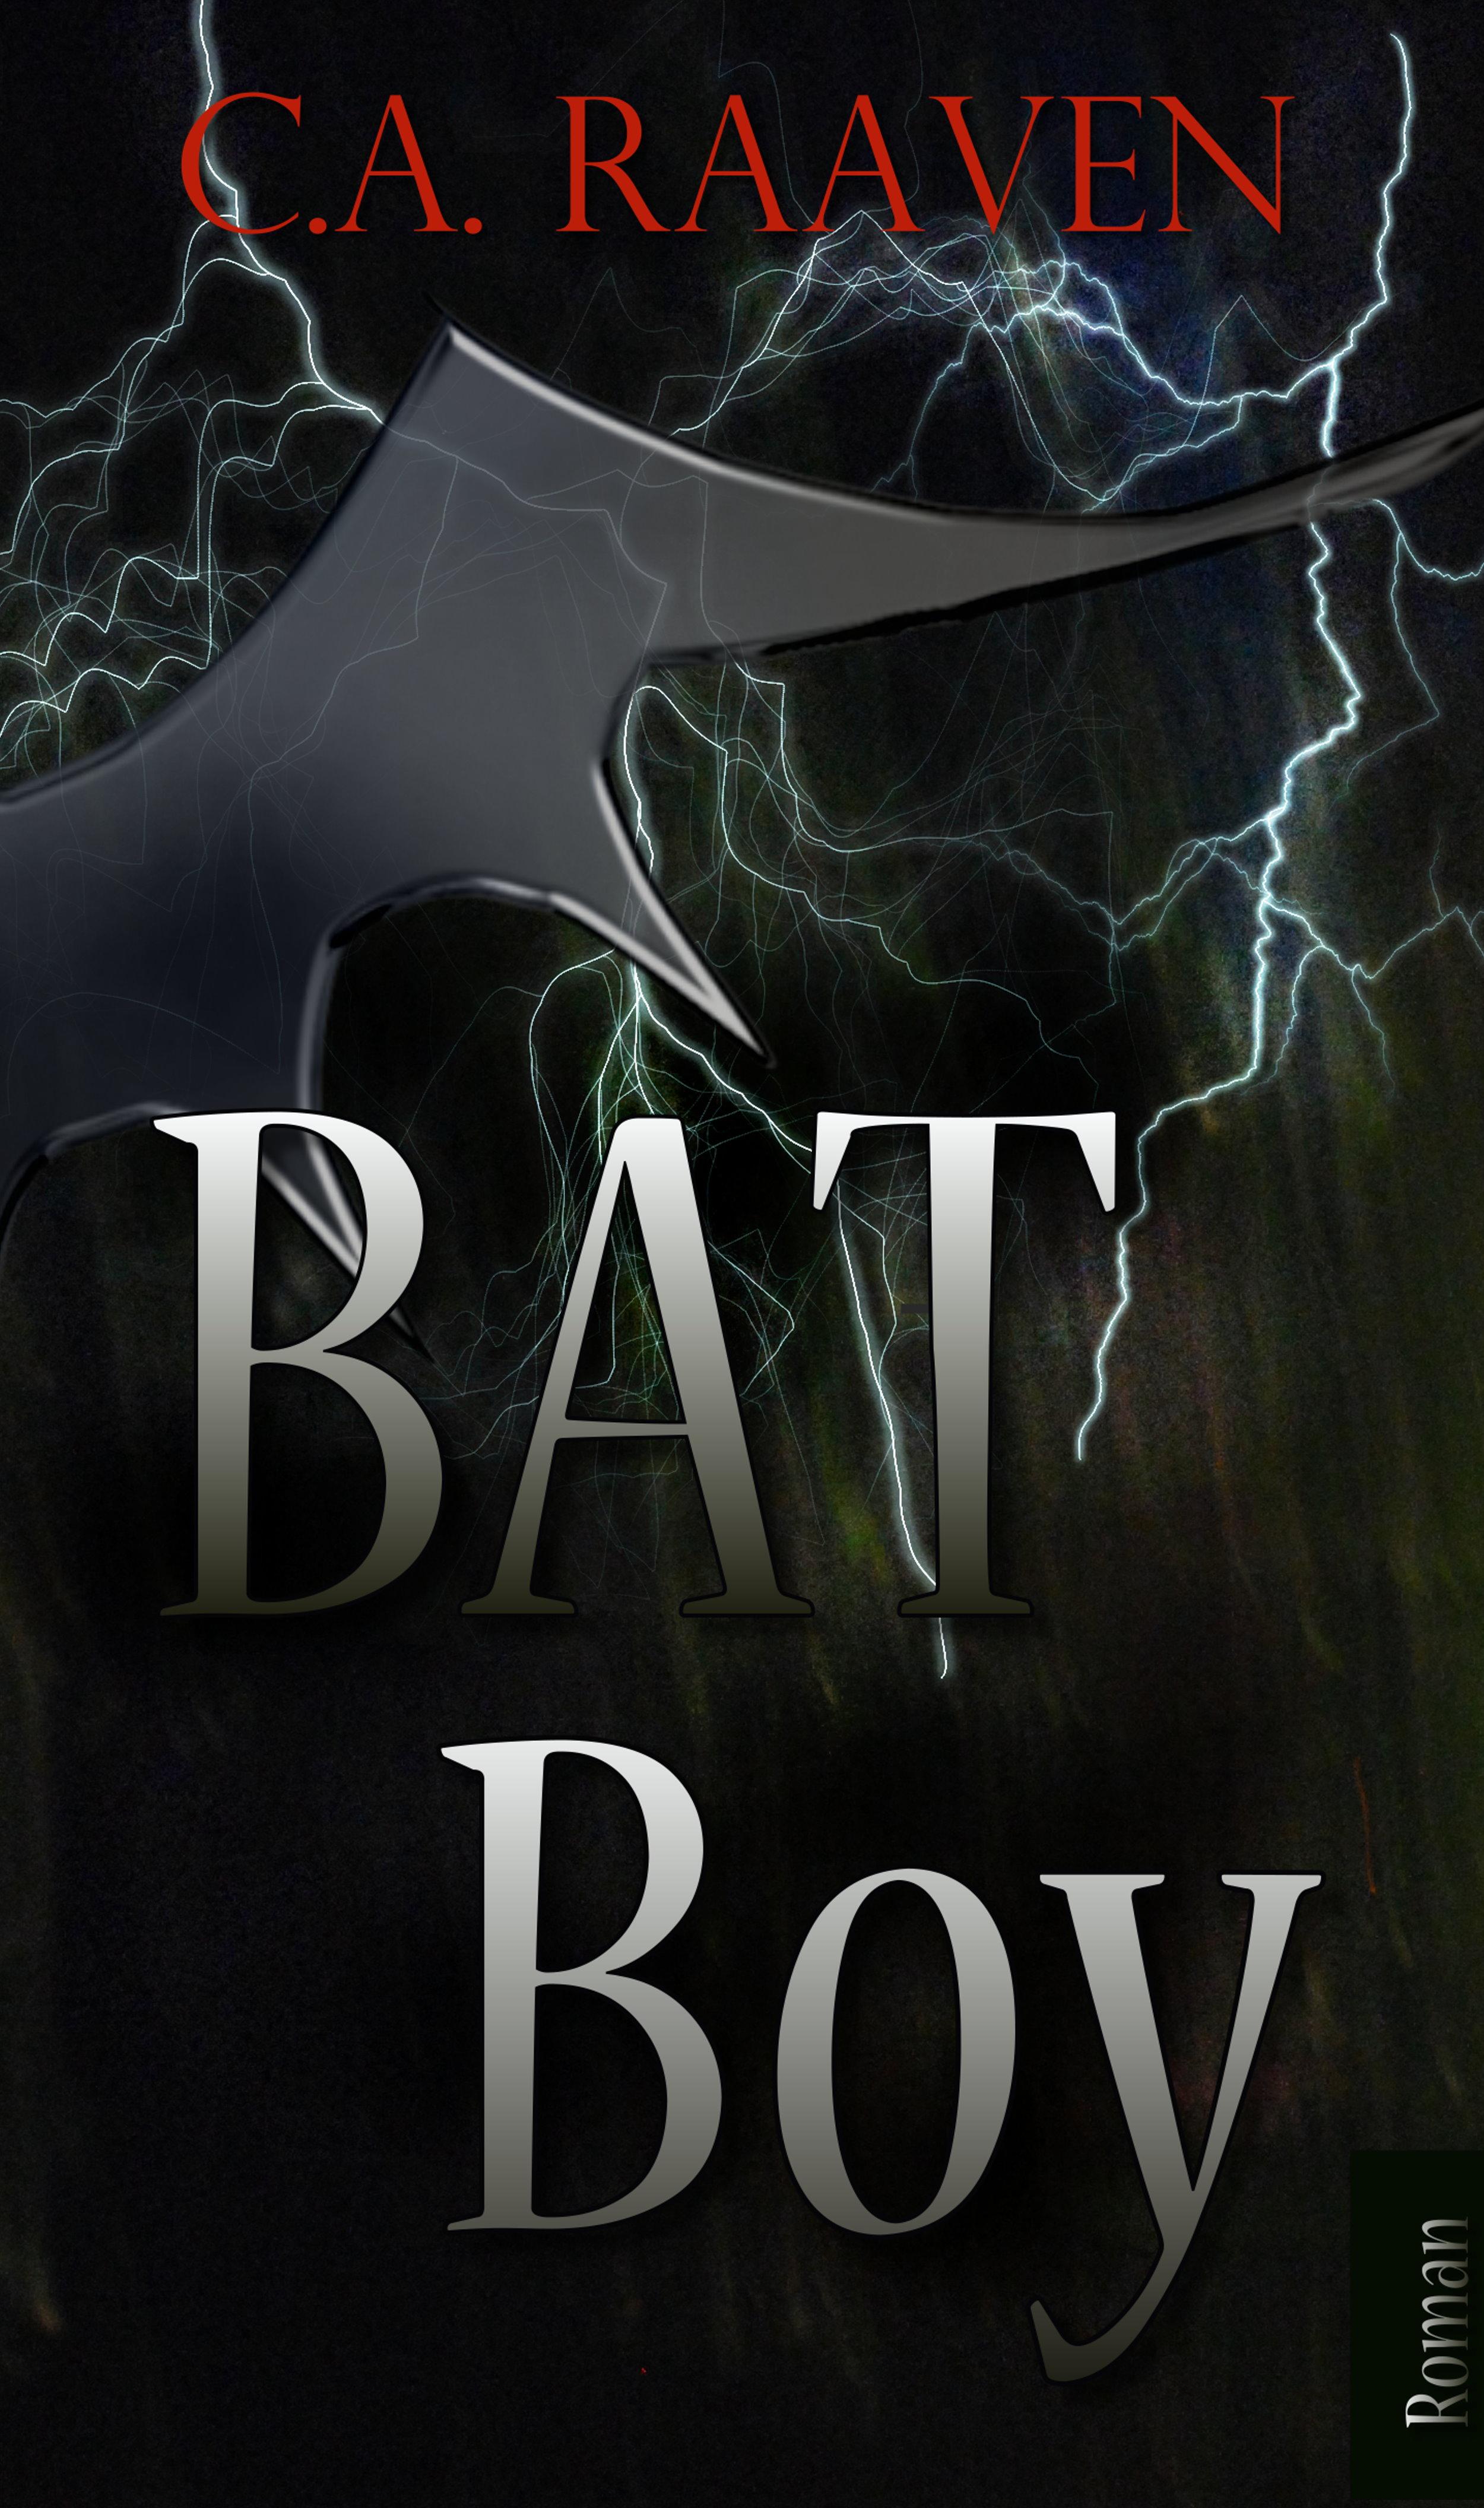 Raaven_C_A_Bat_Boy_phantastik-autoren-netzwerk.jpg